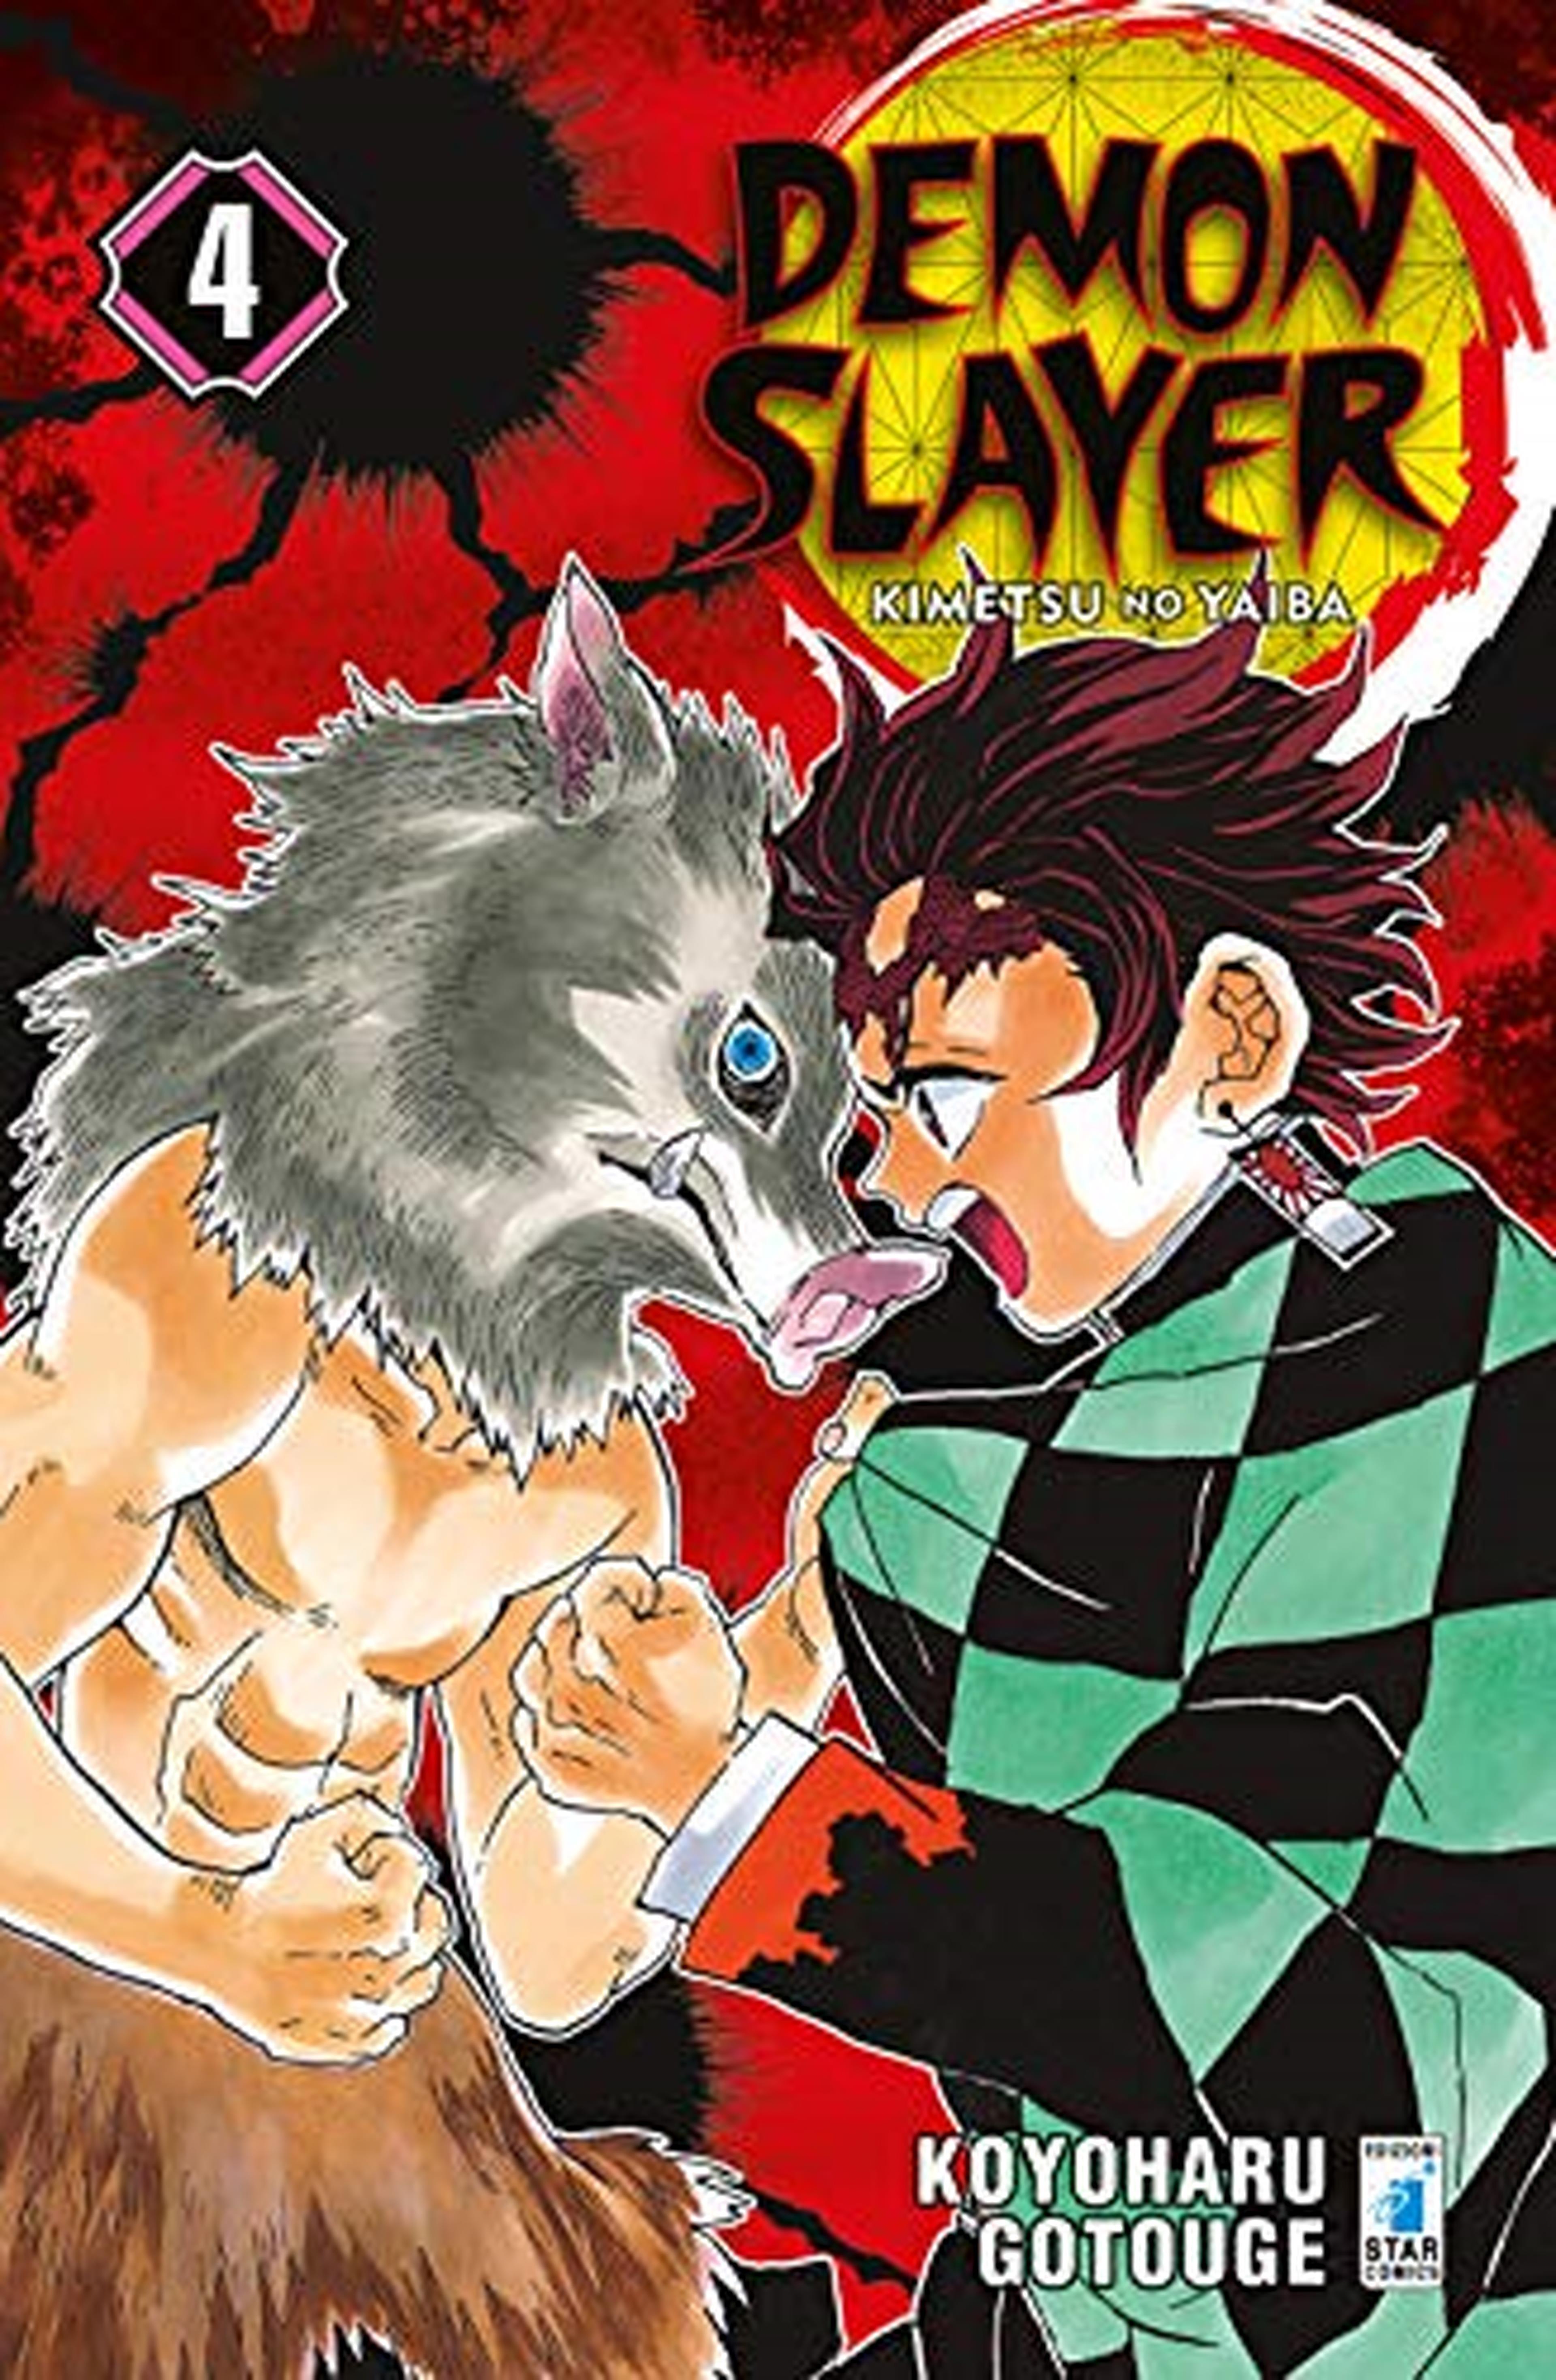 Demon slayer. Kimetsu no yaiba: 4